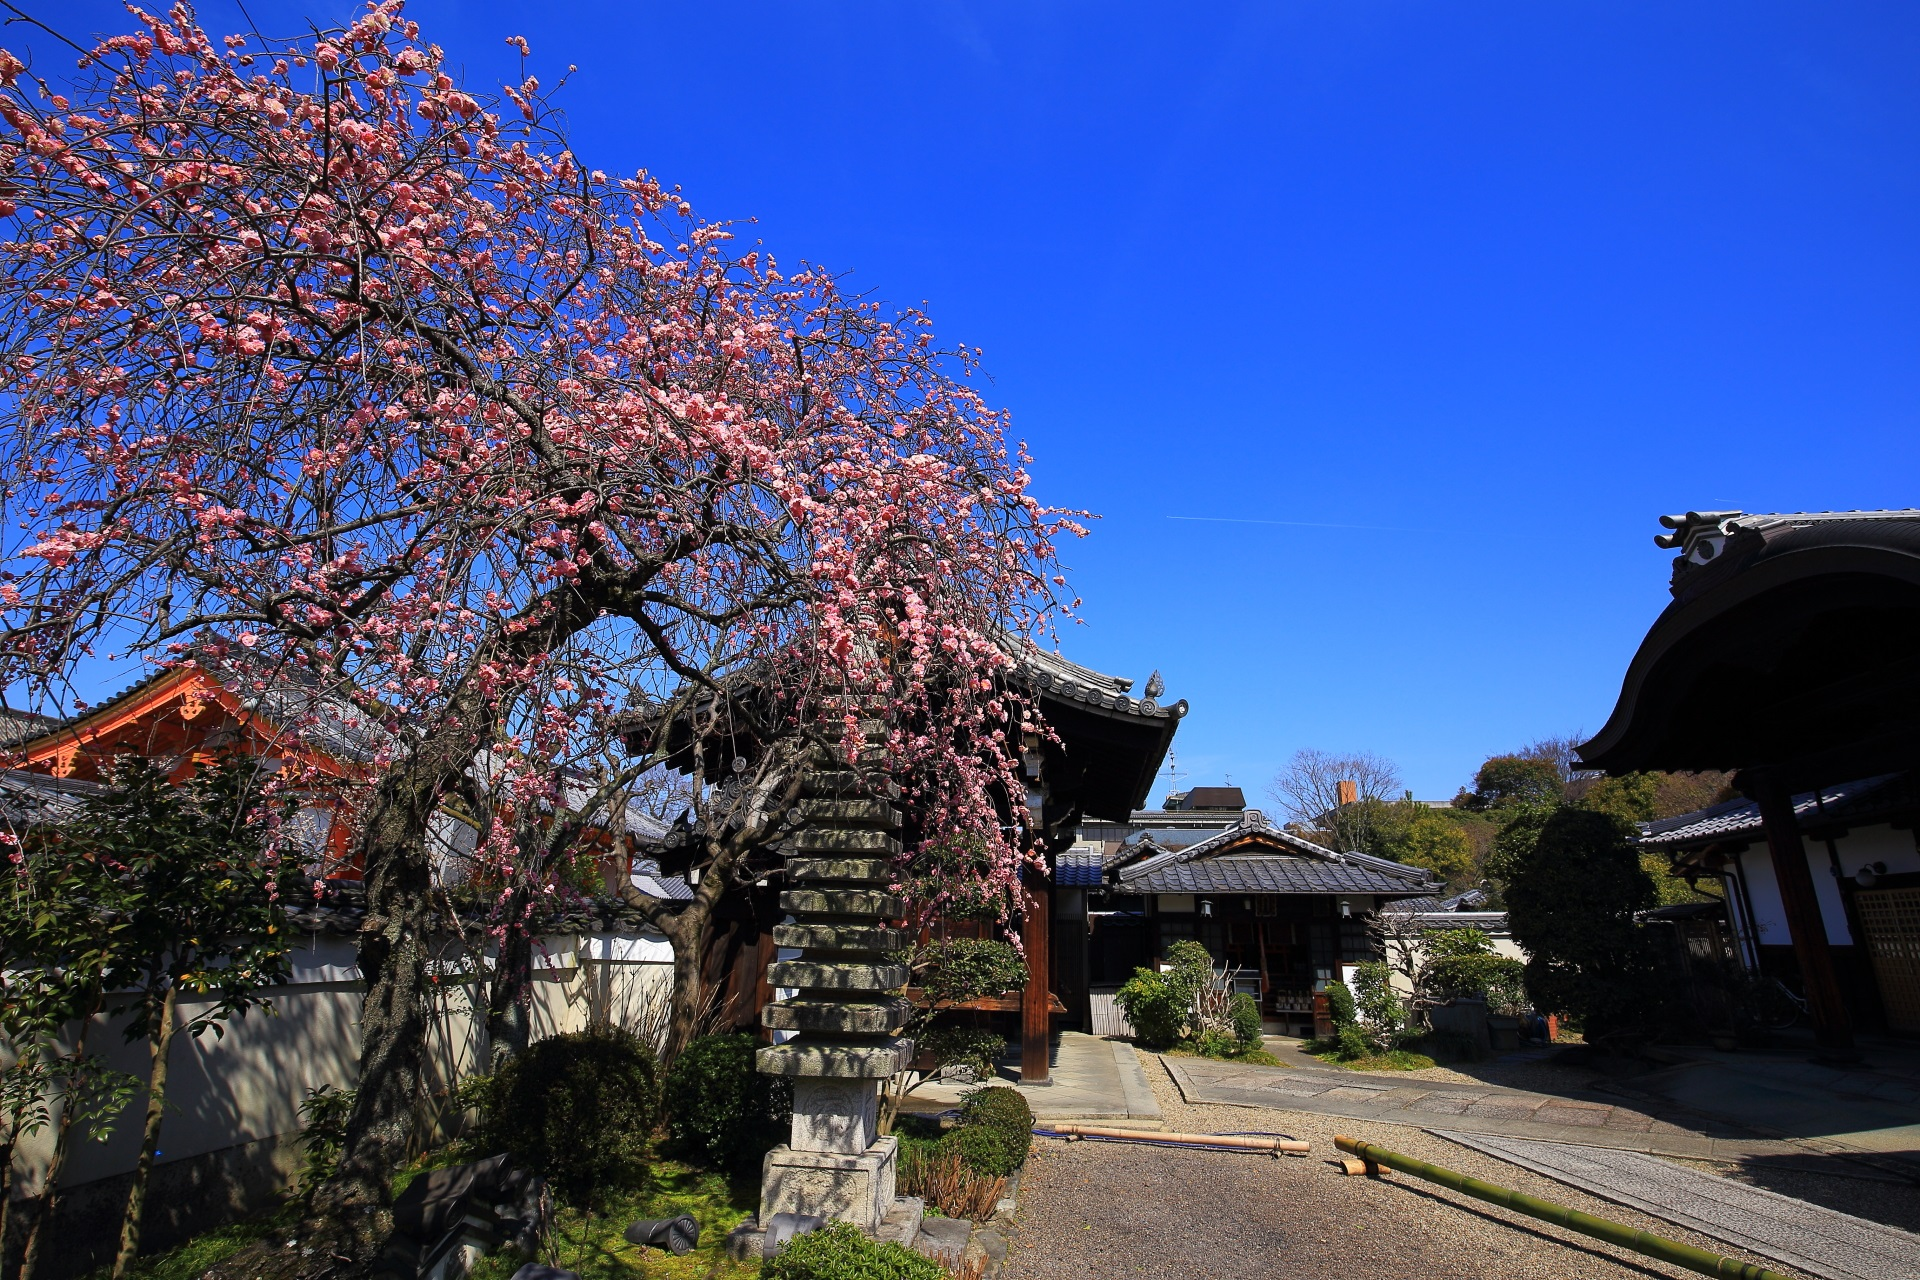 雲一つない青空を背景にした法住寺のピンクのしだれ梅